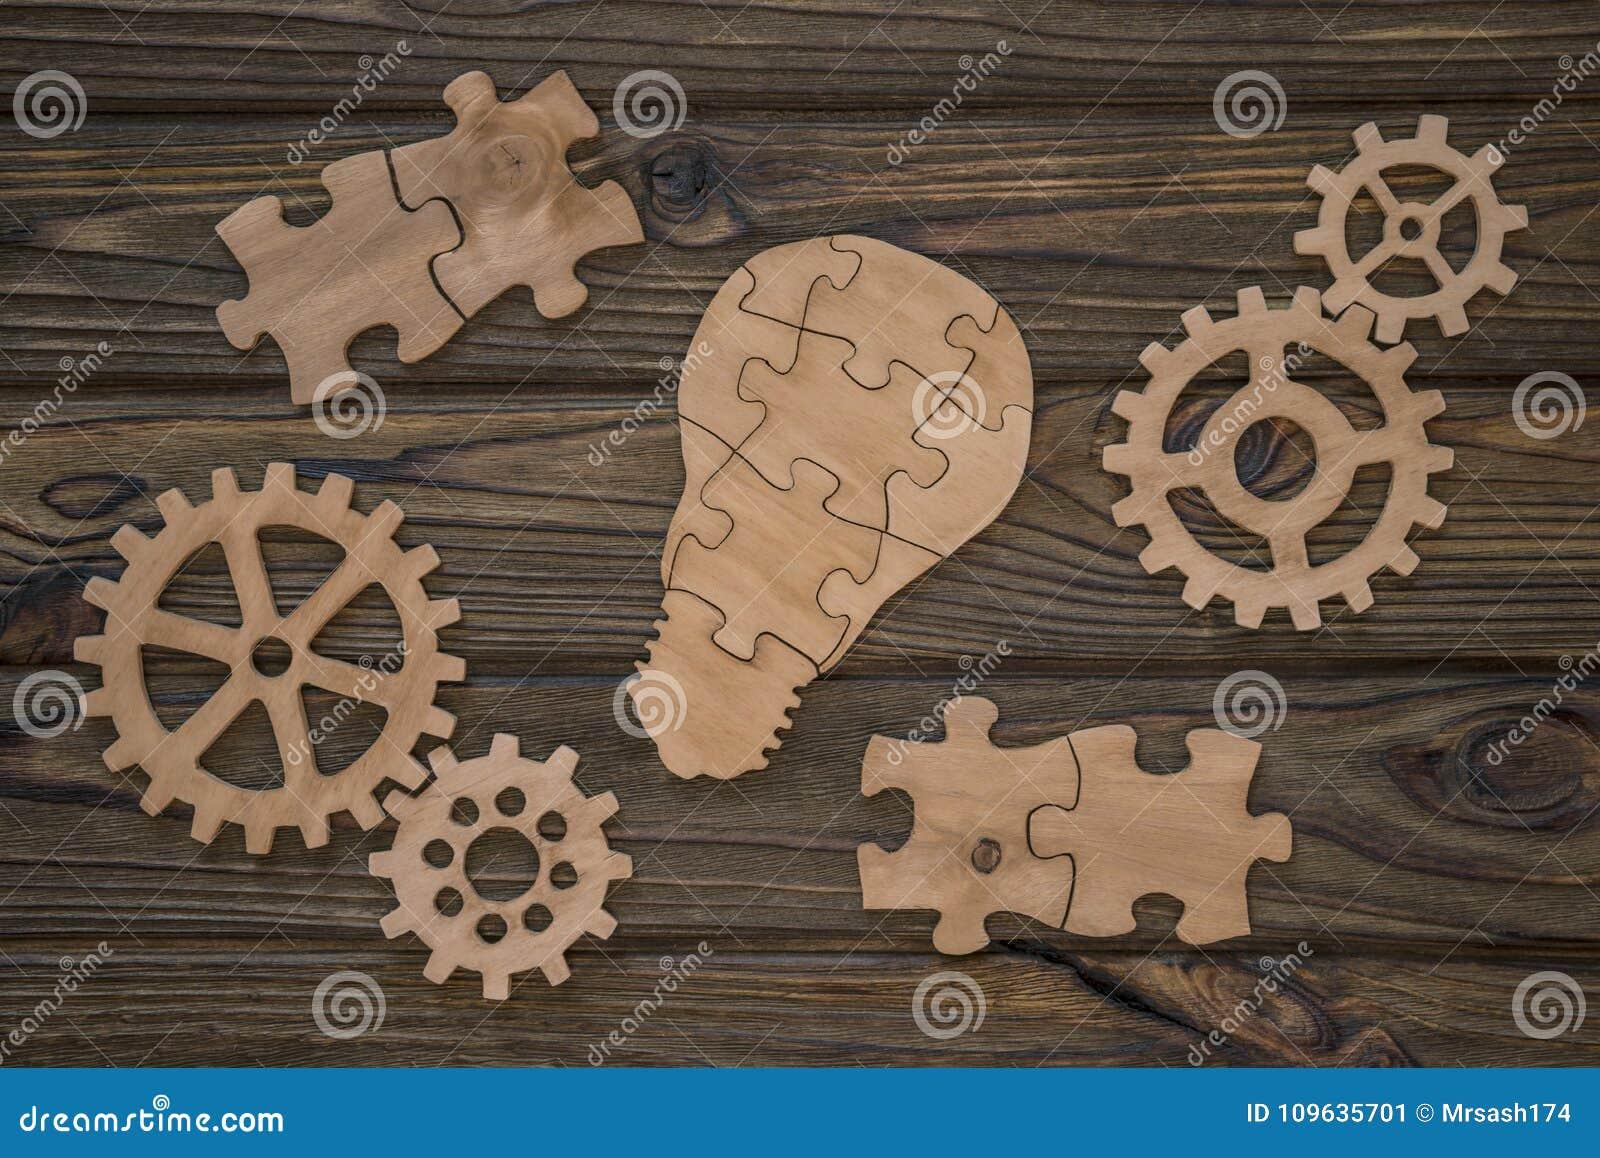 Un grupo de piezas de madera creación